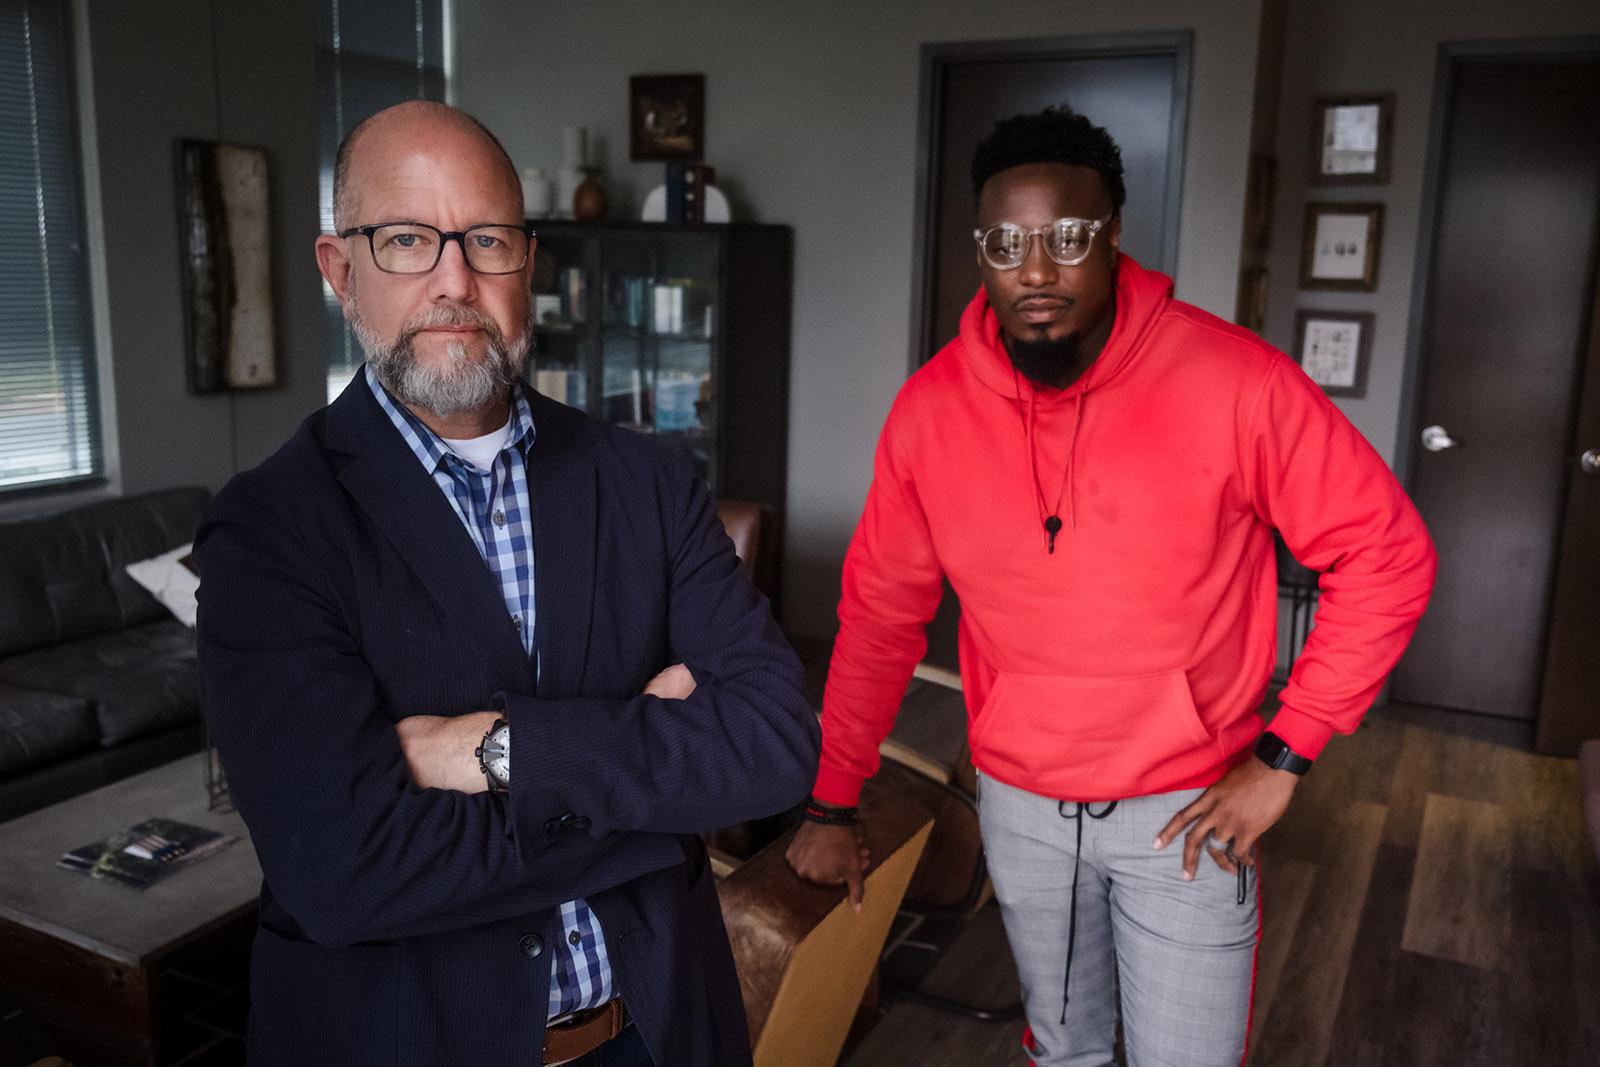 Pastors Jay Stewart and Derrick Hawkins at The Refuge church, Annapolis, North Carolina, November 2019